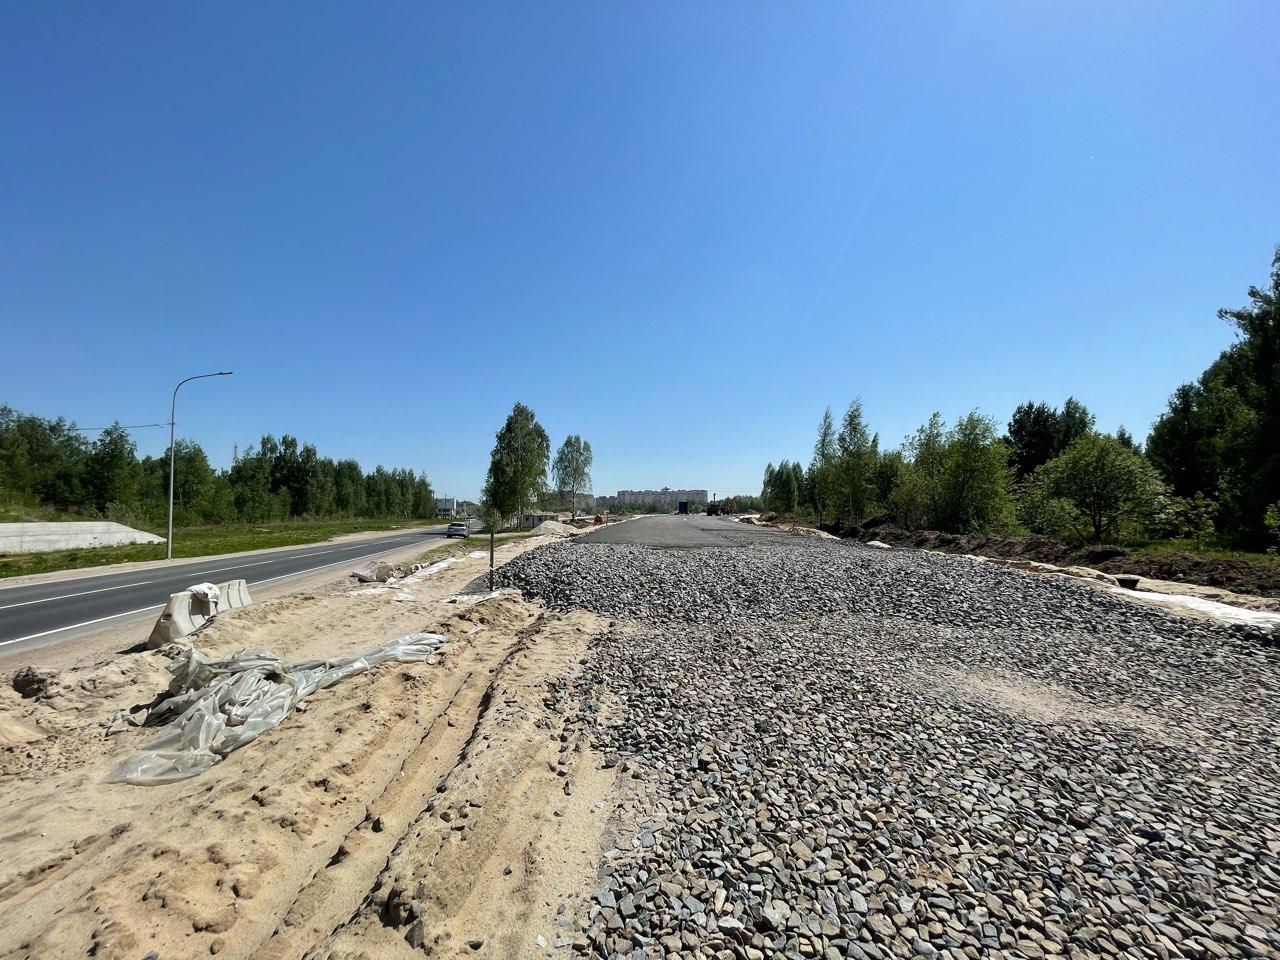 Два участка трассы «Поветлужье» в Нижегородской области отремонтируют за 1,1 млрд рублей - фото 1